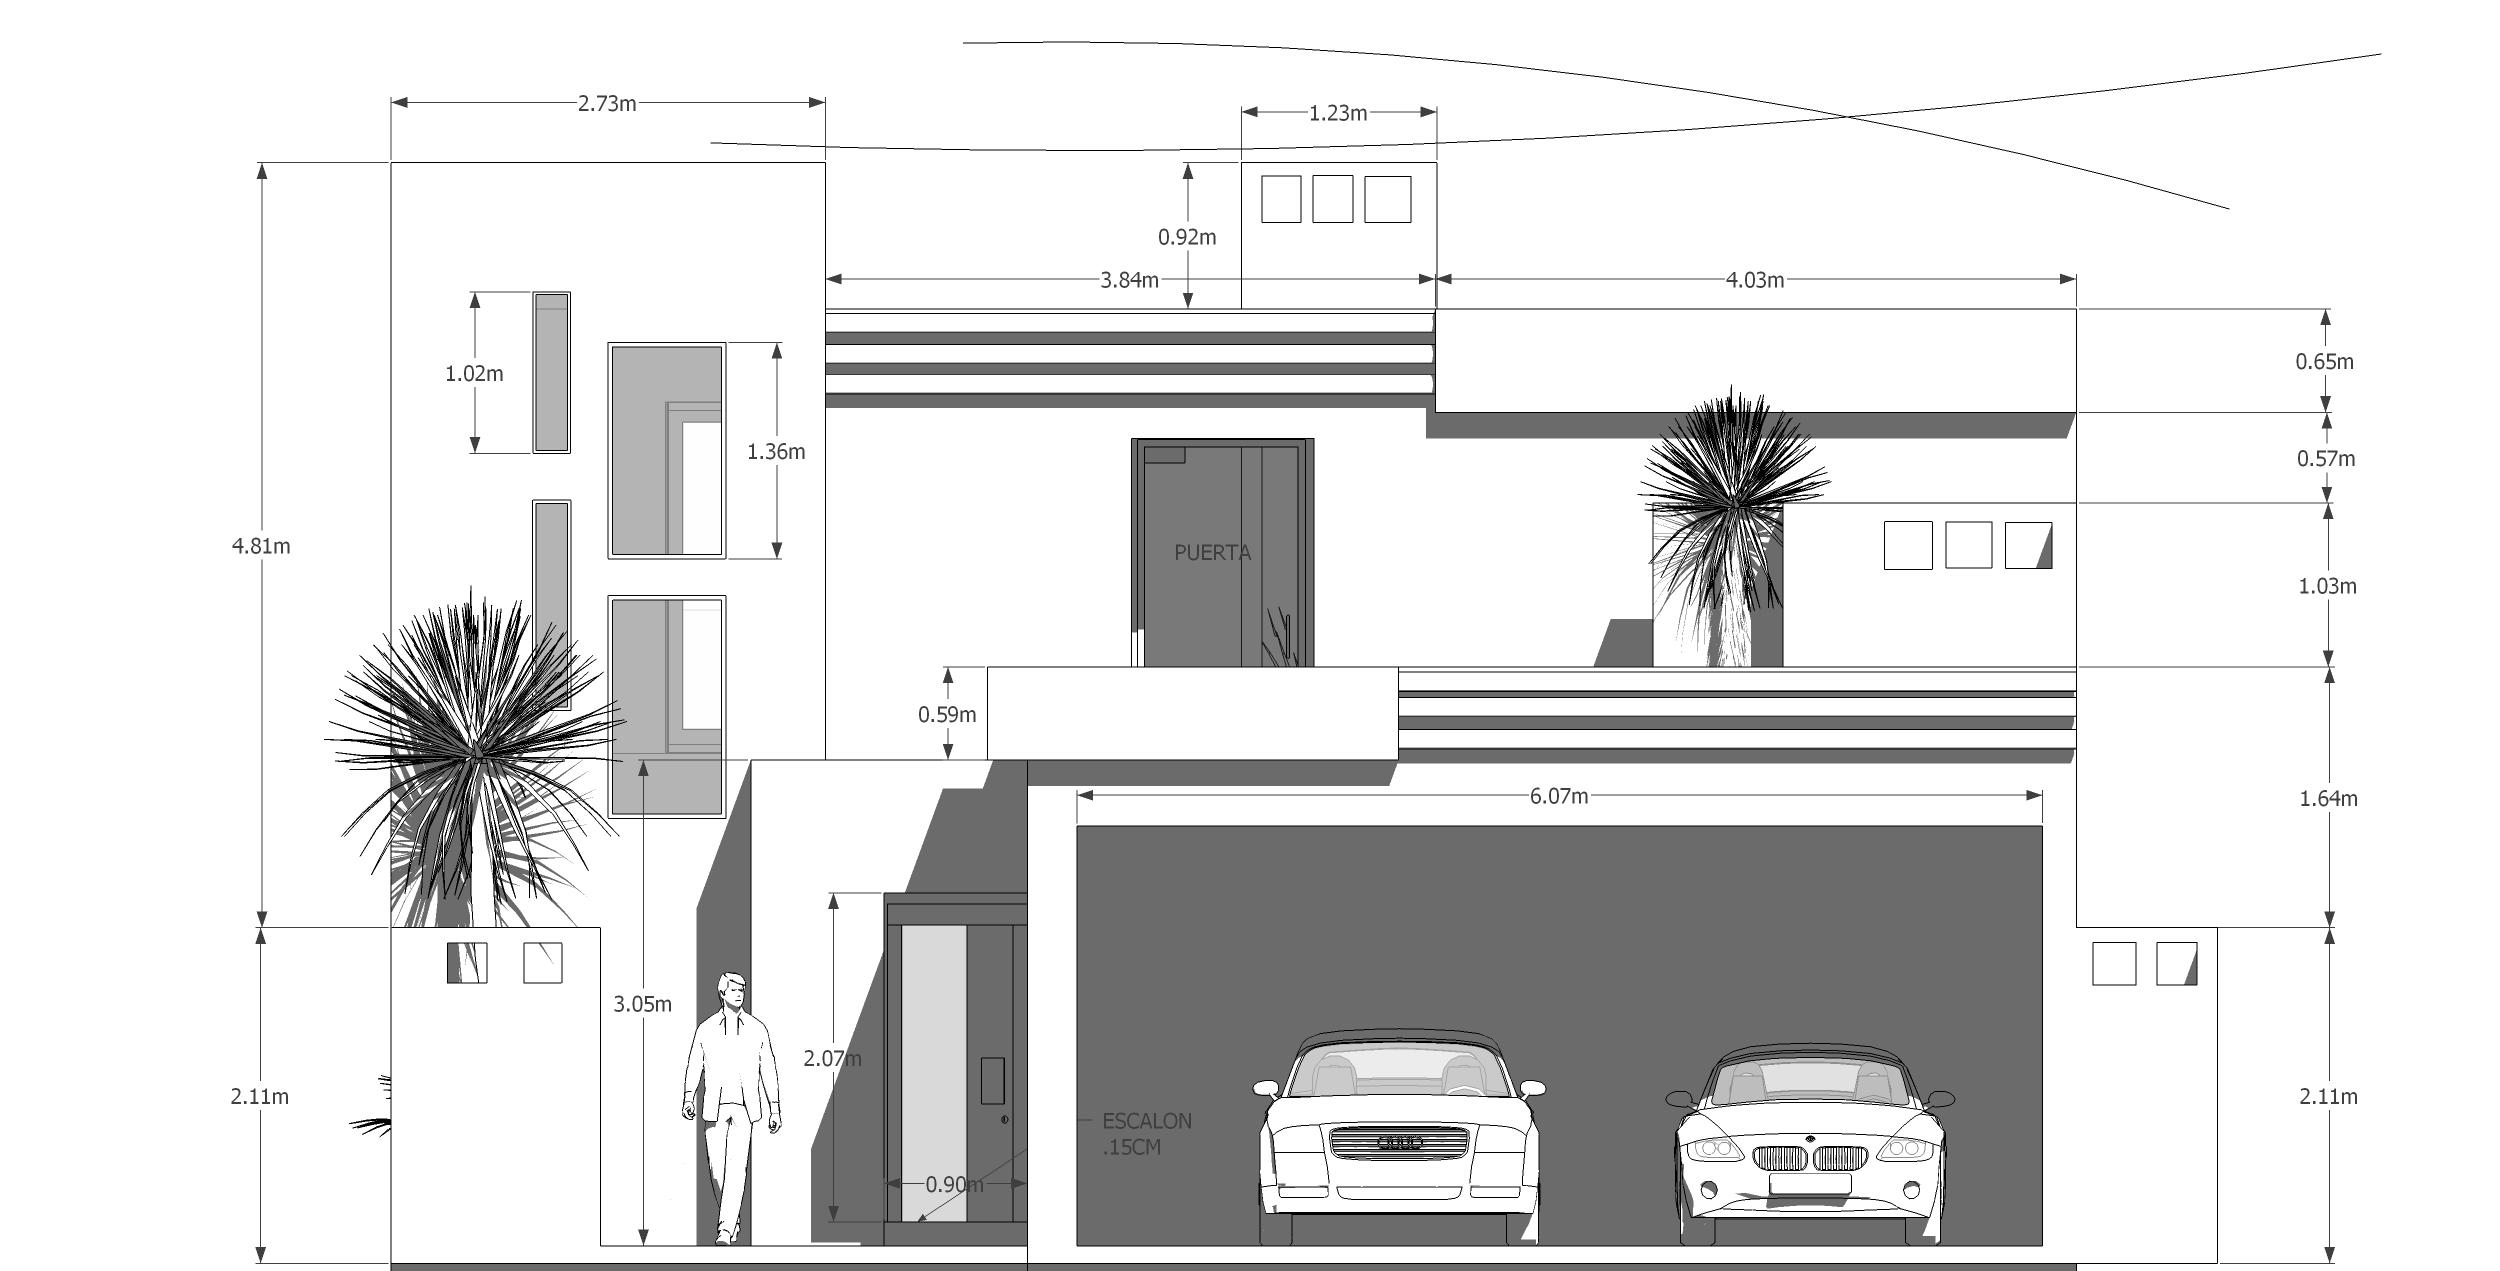 Fachadas casas con piedra cantera ajilbab portal car - Casas con fachadas de piedra ...